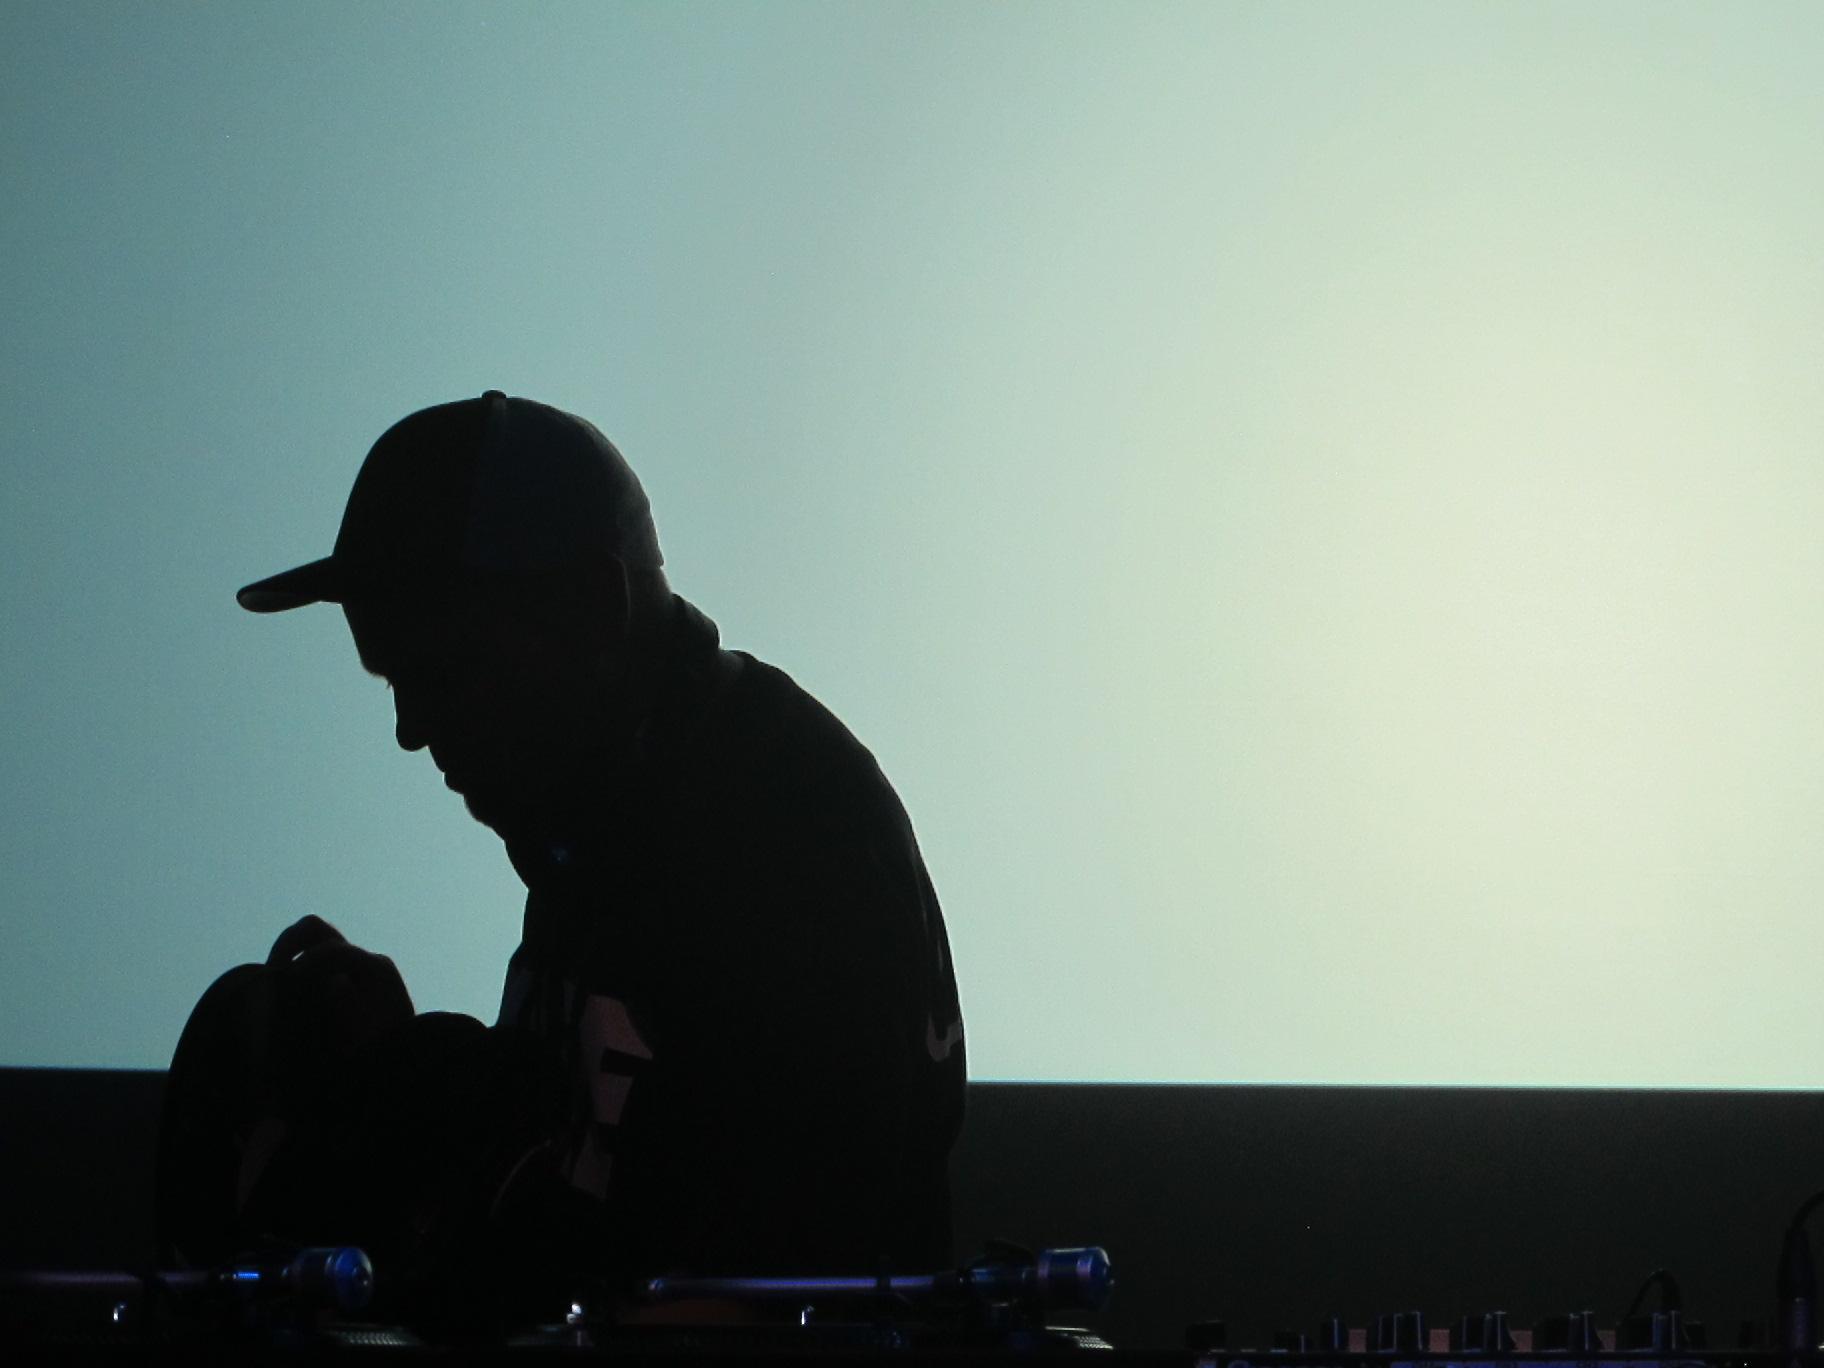 magic (dj shadow)